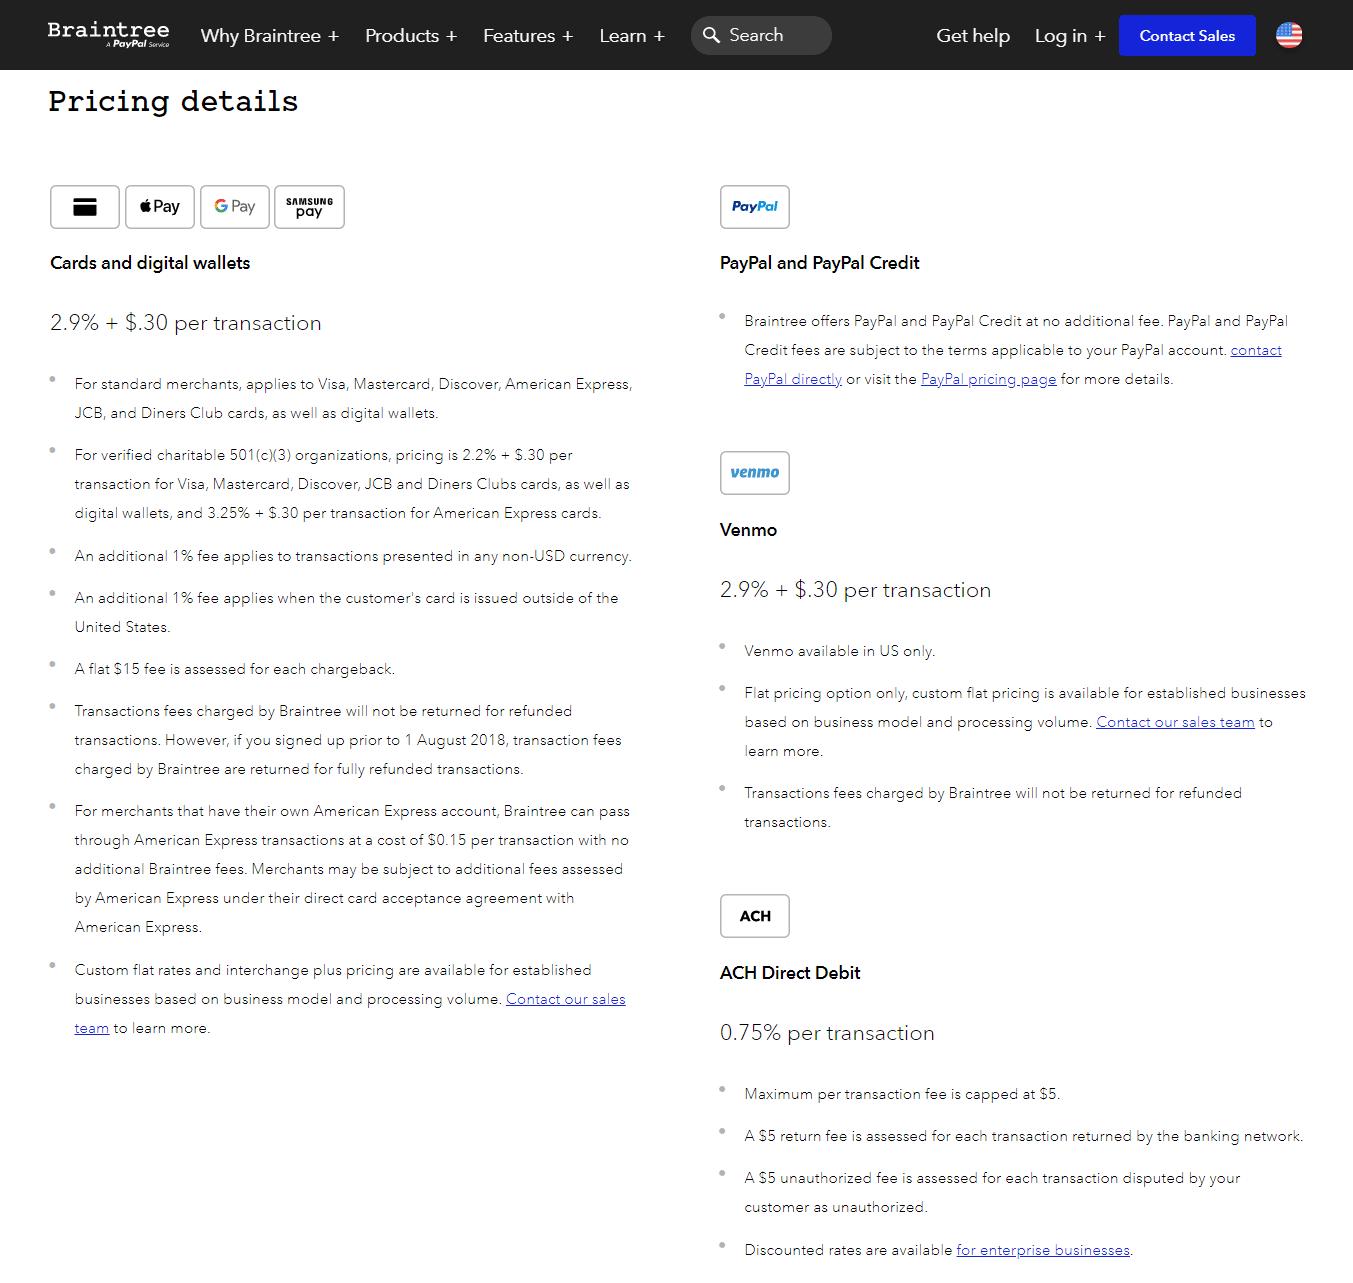 Página de información de precios de Braintree.